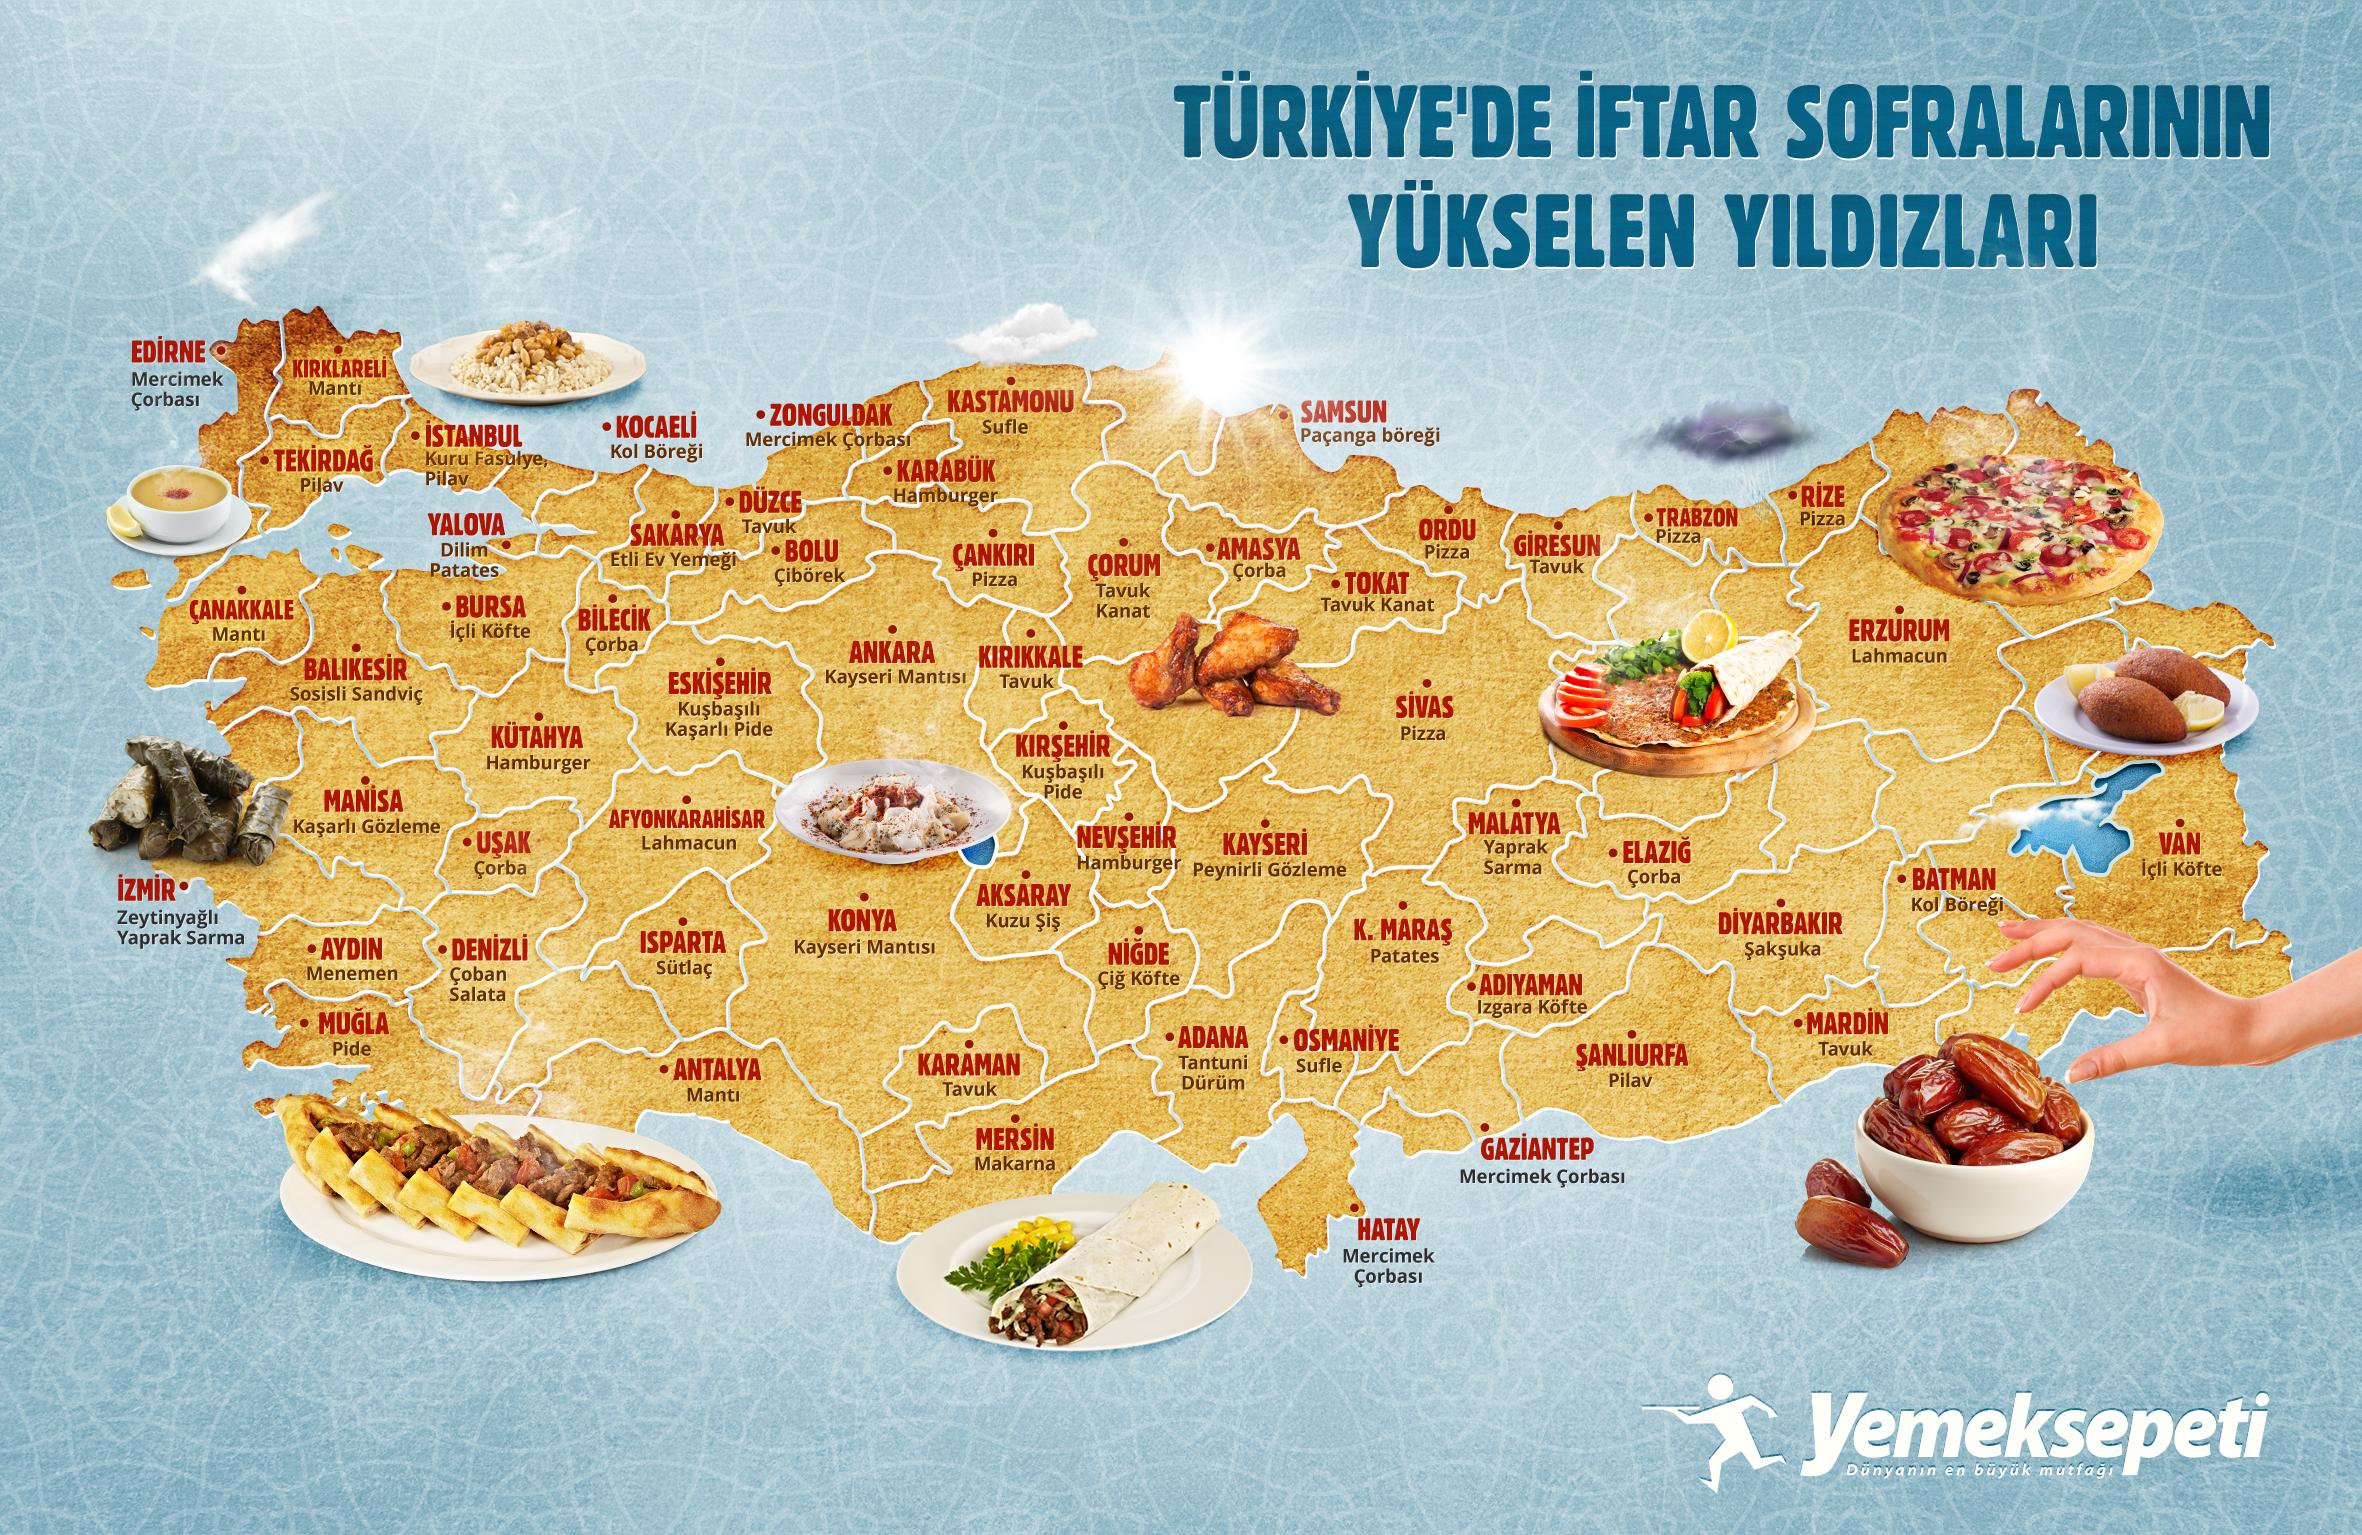 Yemeksepeti'nden iftar lezzetleri haritası